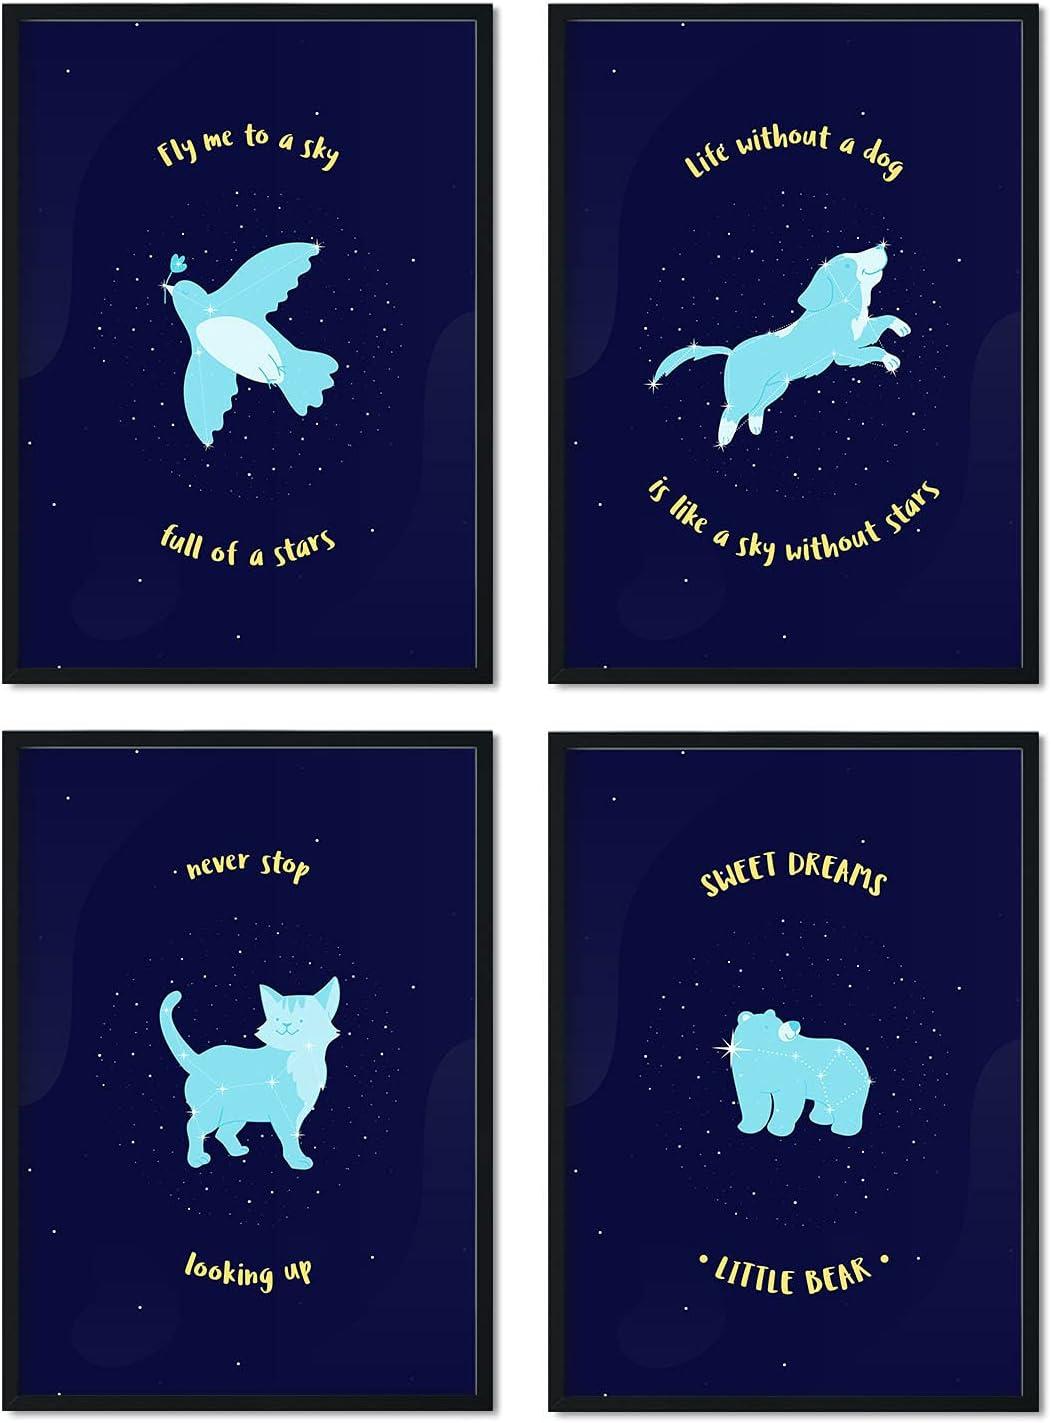 Nacnic Set de láminas Pack mascotas. Pósters de mascotas para amantes de los animales. Decoración de interiores. Tamaño A3.